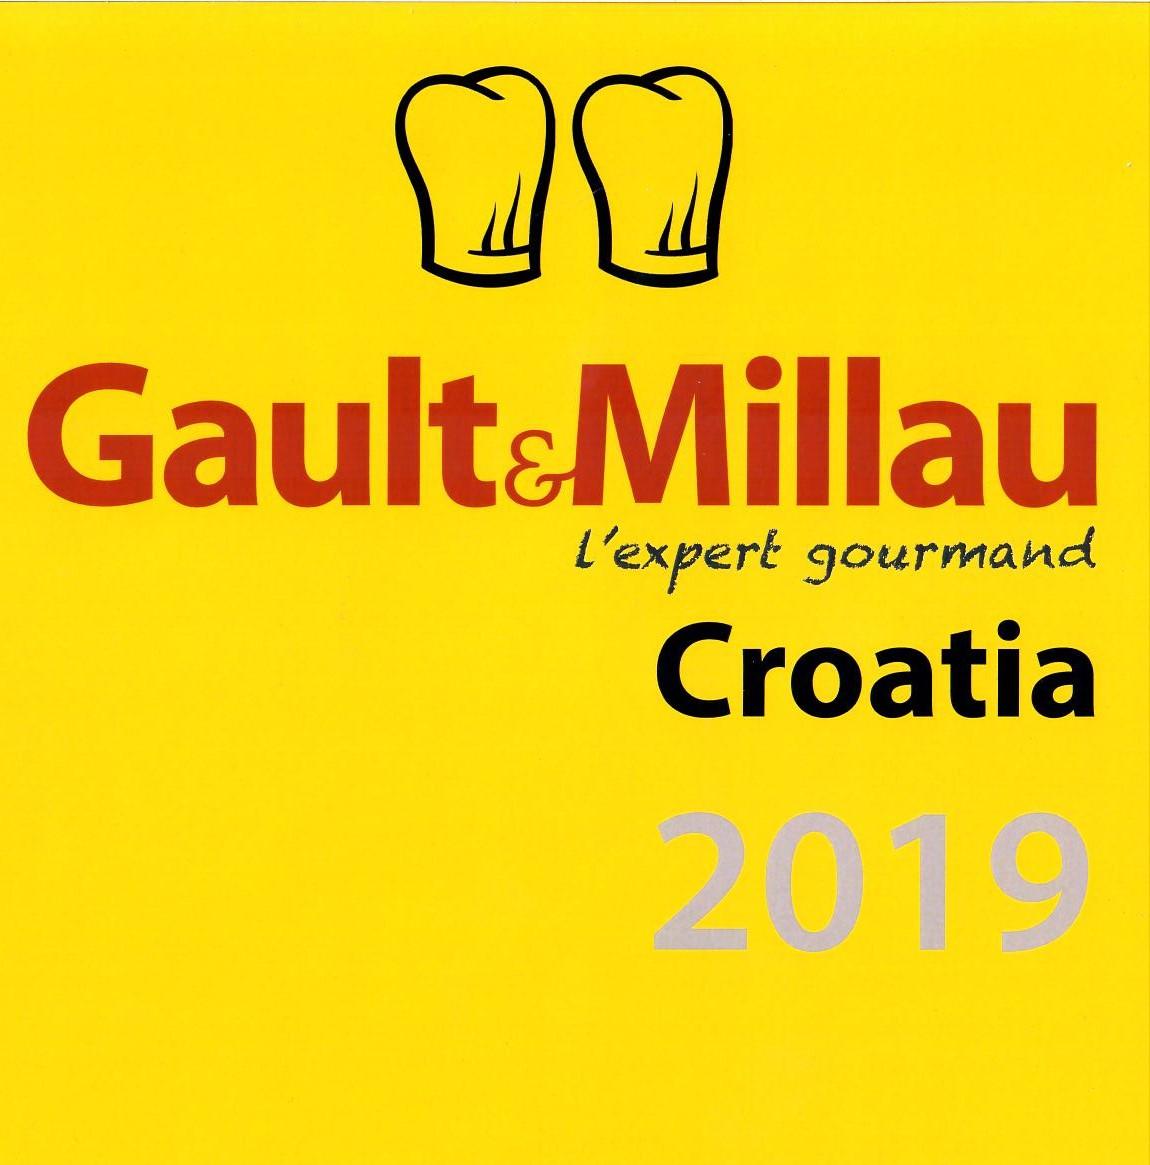 Casino Zollverein Gault Millau